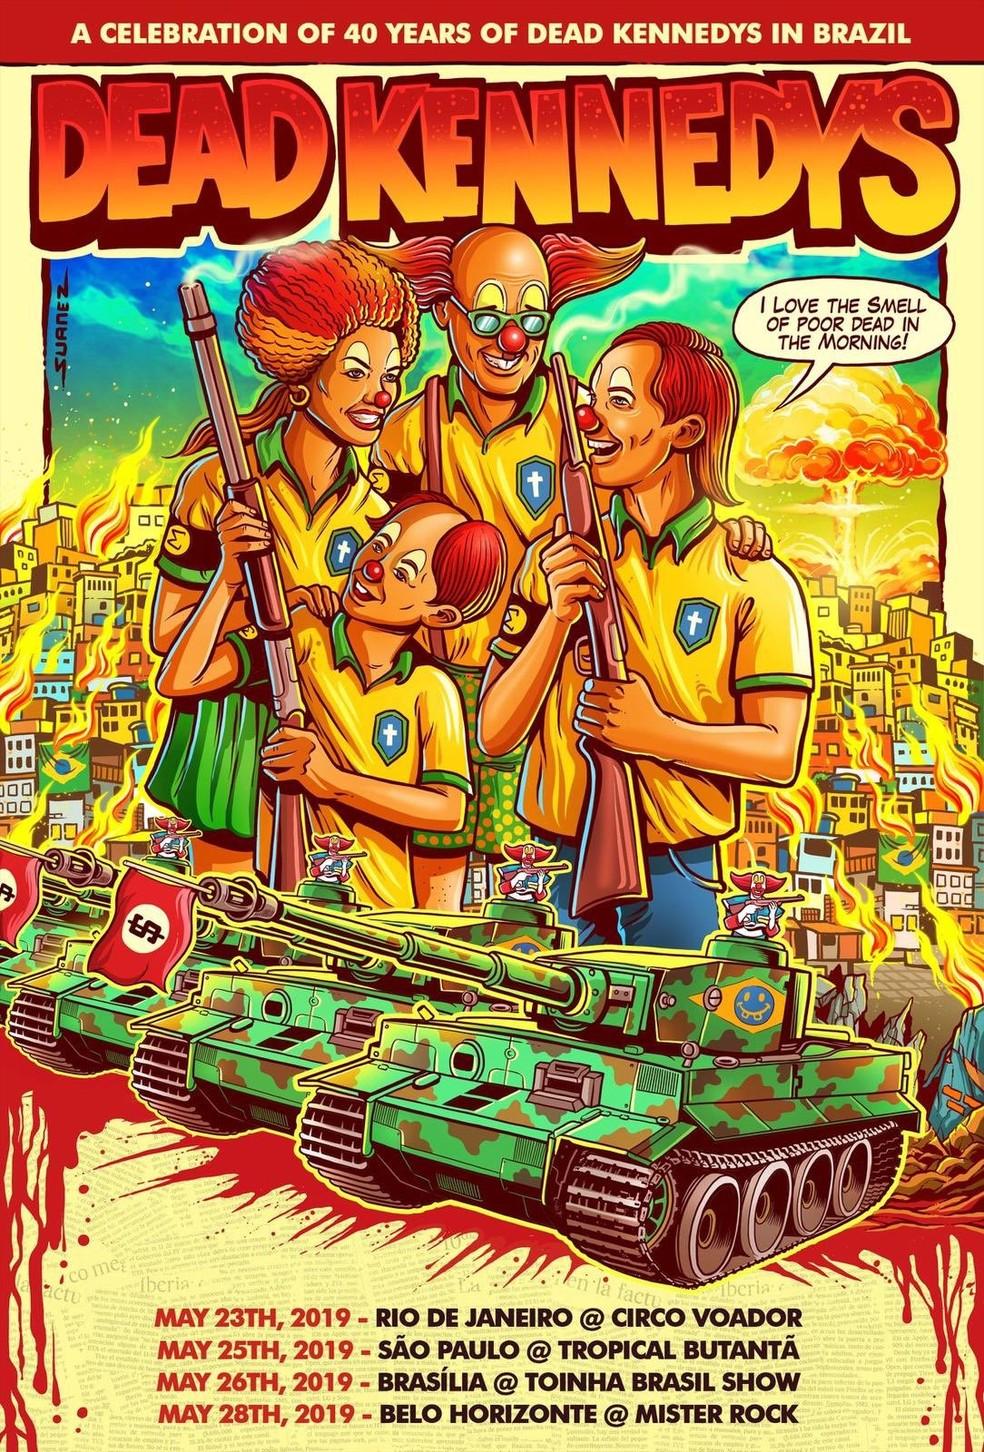 Dead Kennedys celebrará 40 anos, com turnê pelo Brasil